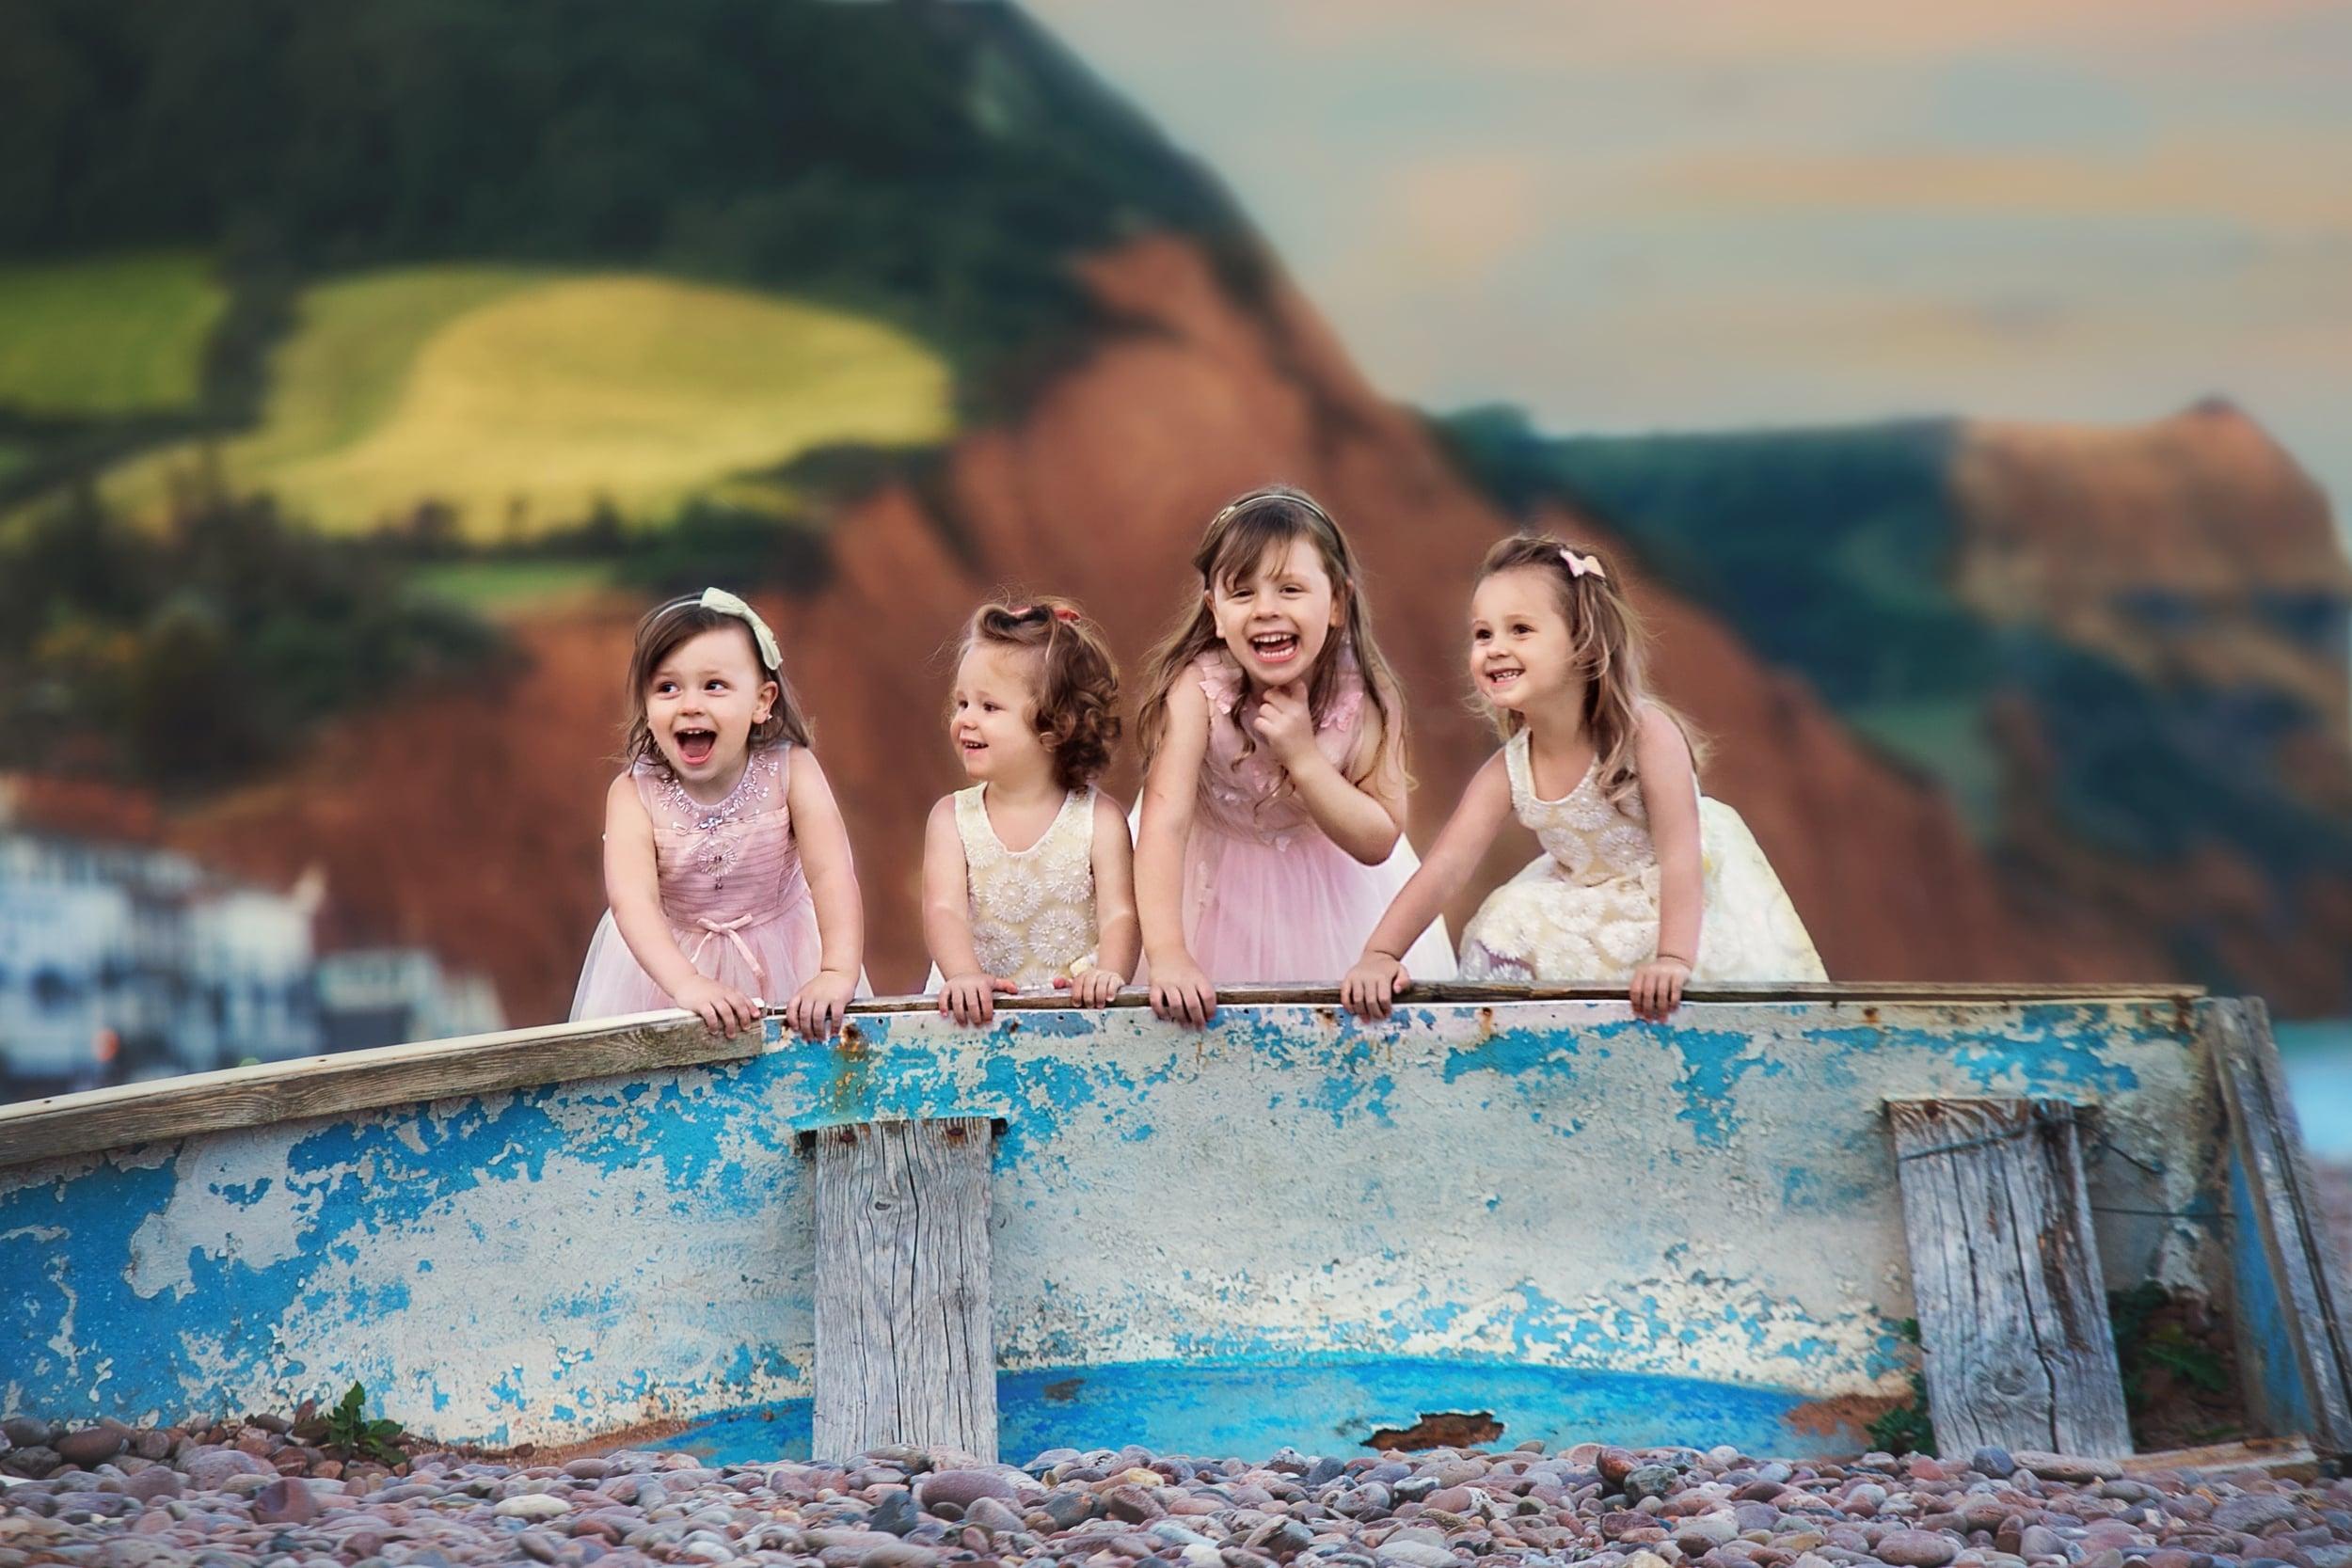 Sidmouth beach in Devon, children